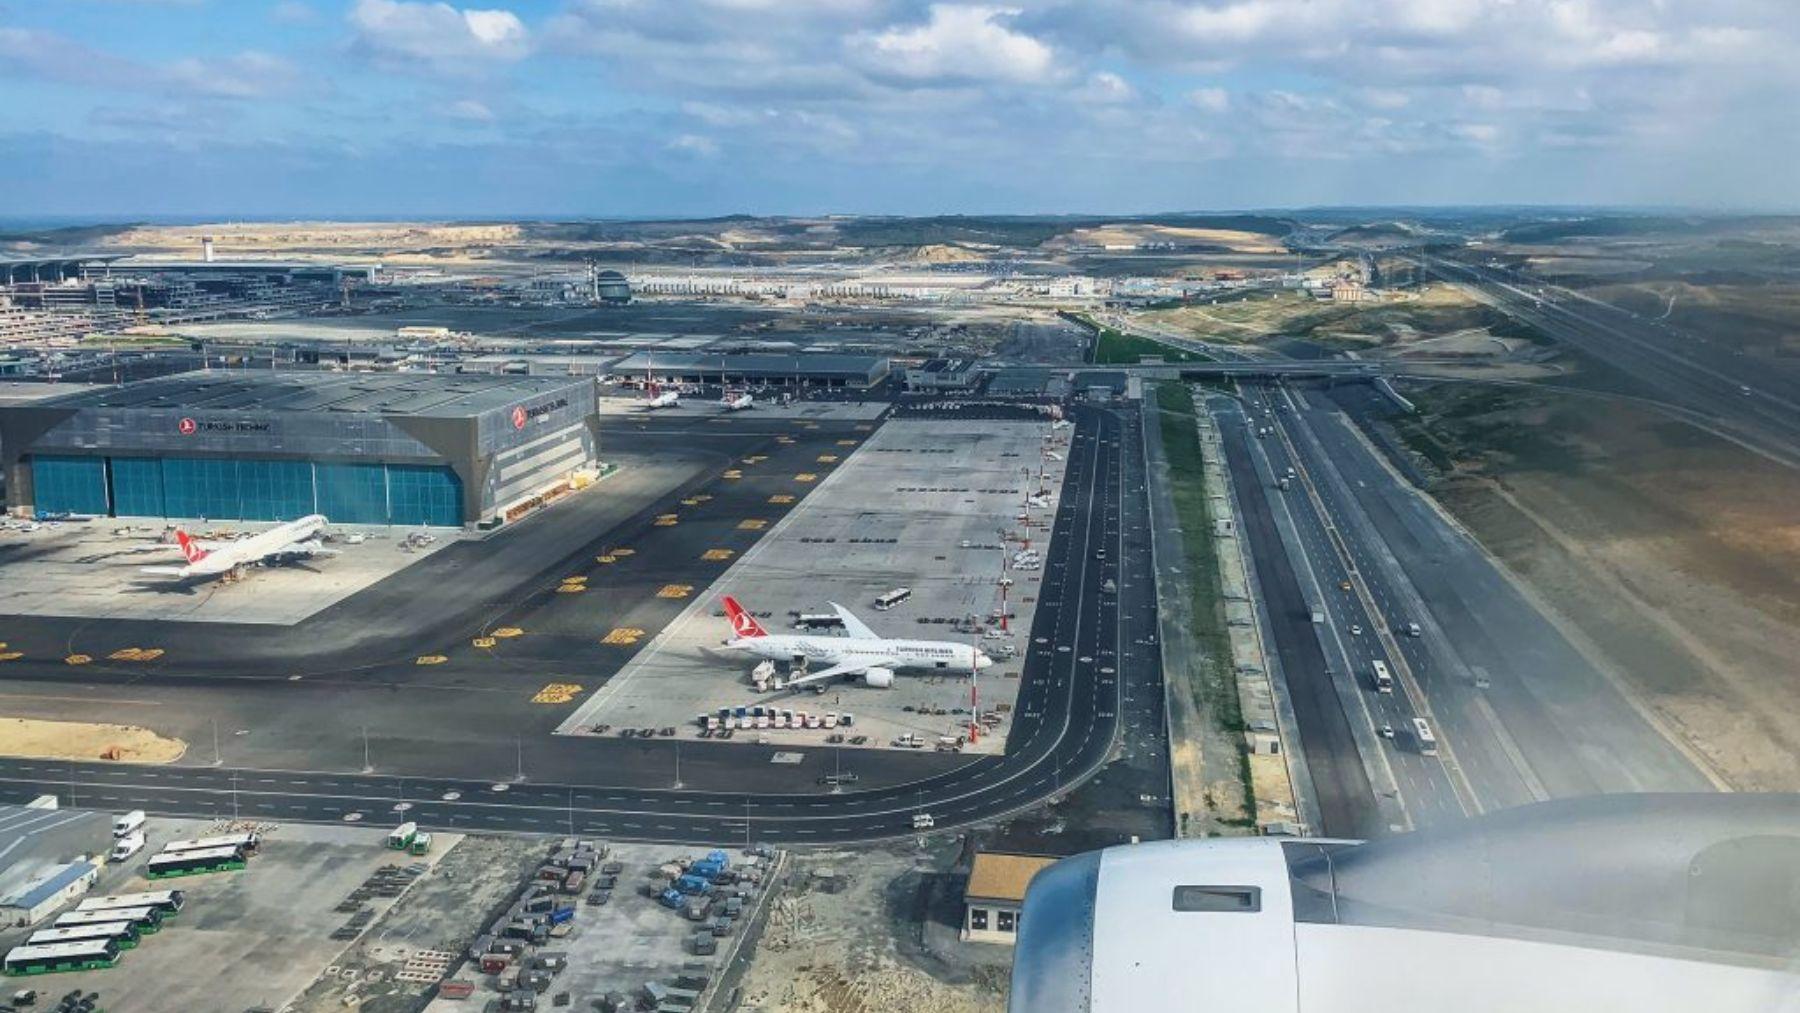 Descubre dónde está y cómo es el aeropuerto más grande del mundo